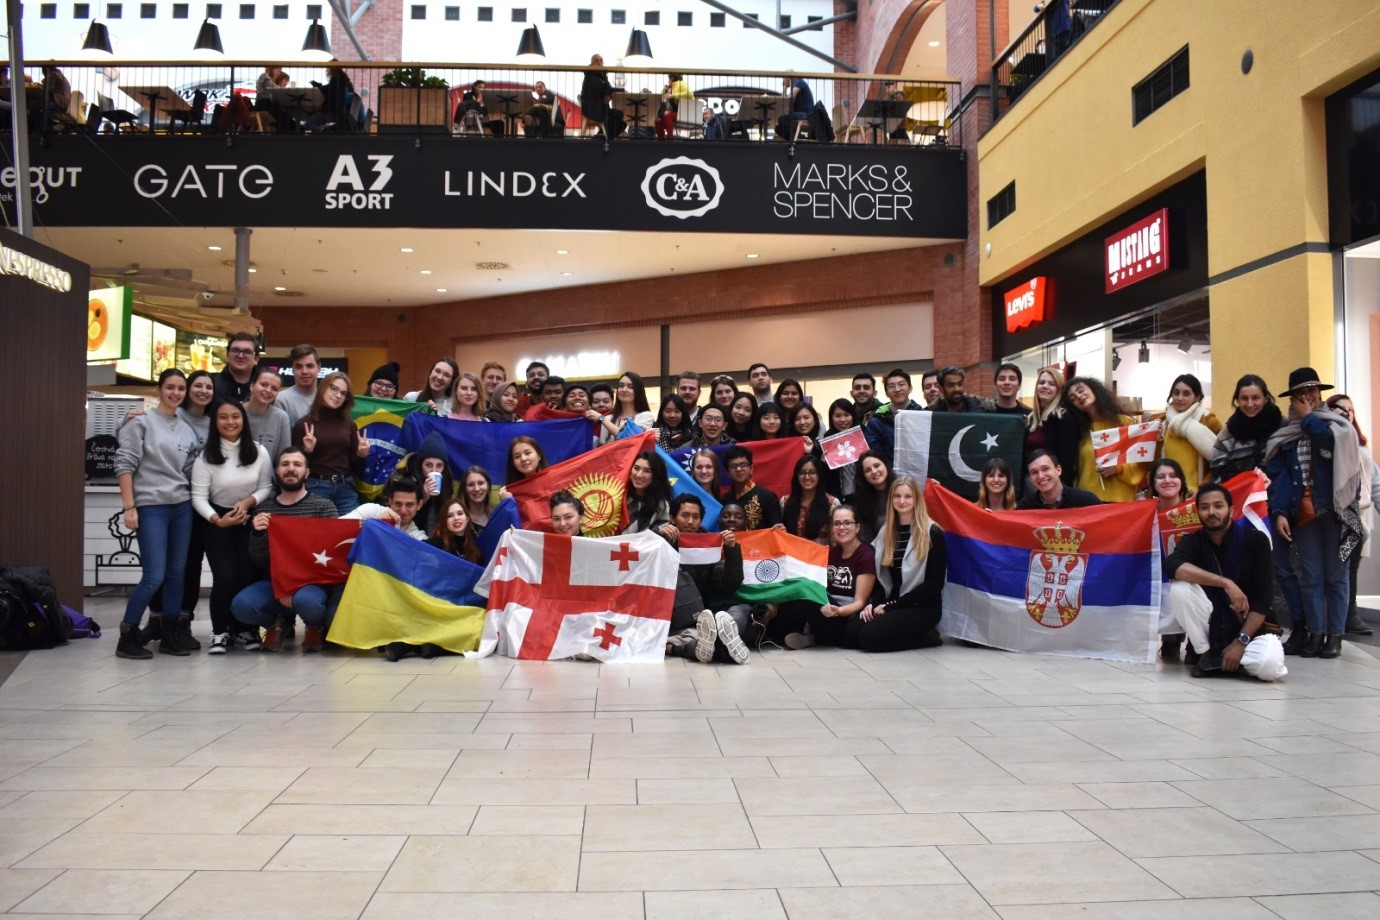 Hari terakhir Global Village di Olympia Mall, Pilsen pada Minggu, 26 Januari 2020 (Foto diambil oleh seorang AIESECer in Pilsen)